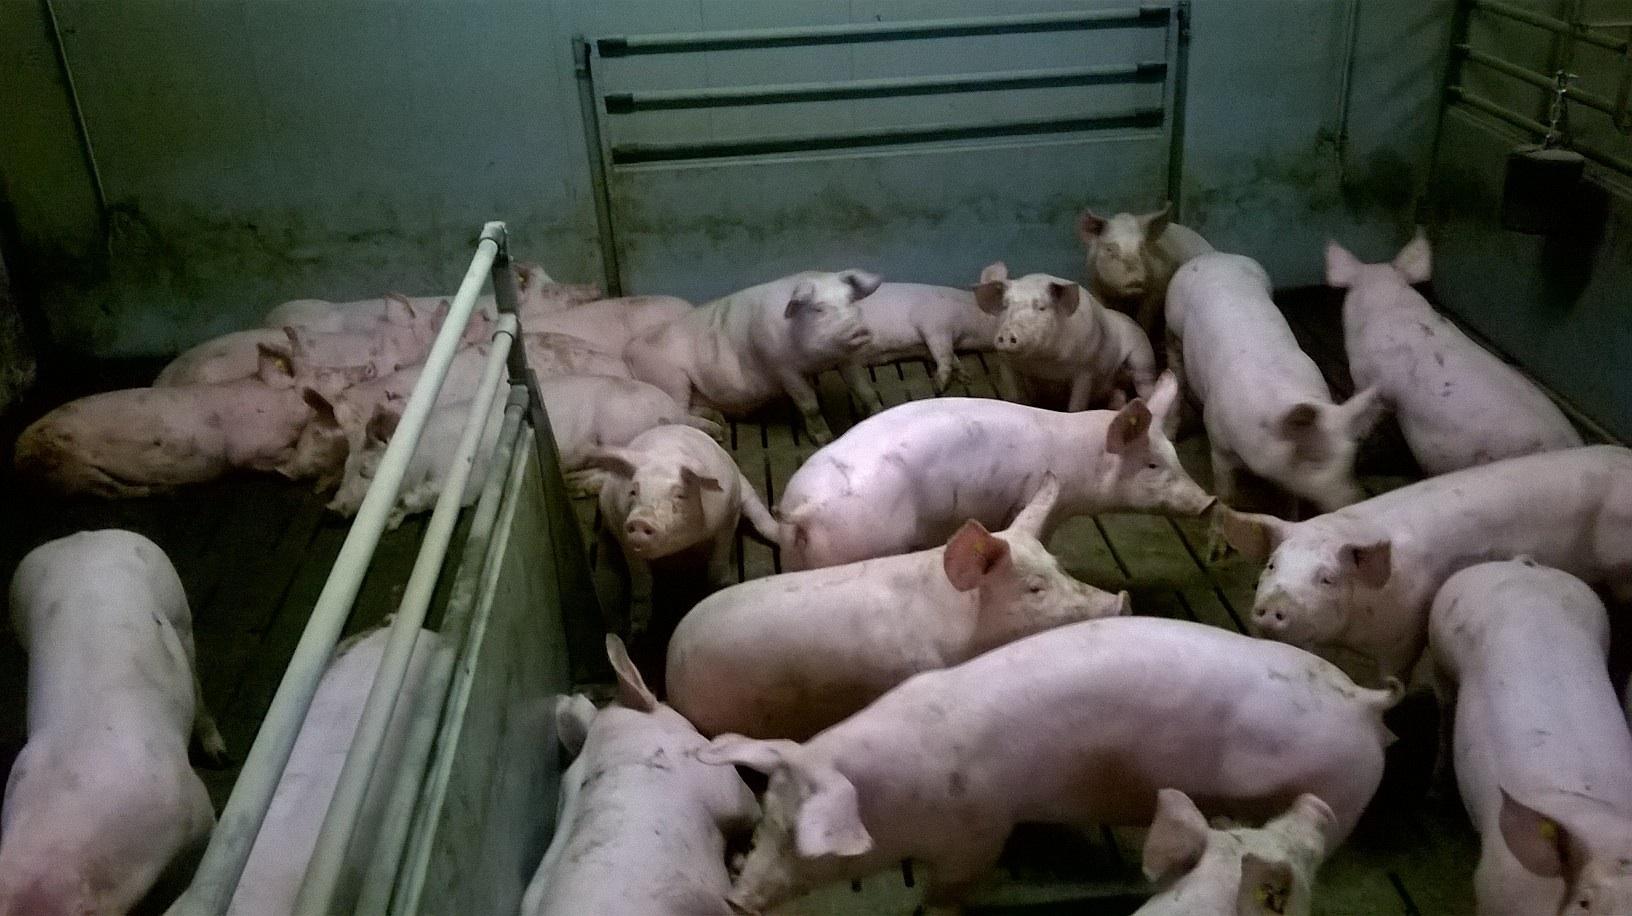 Viele Schweine in einem Stall der konventionellen Tierhaltung